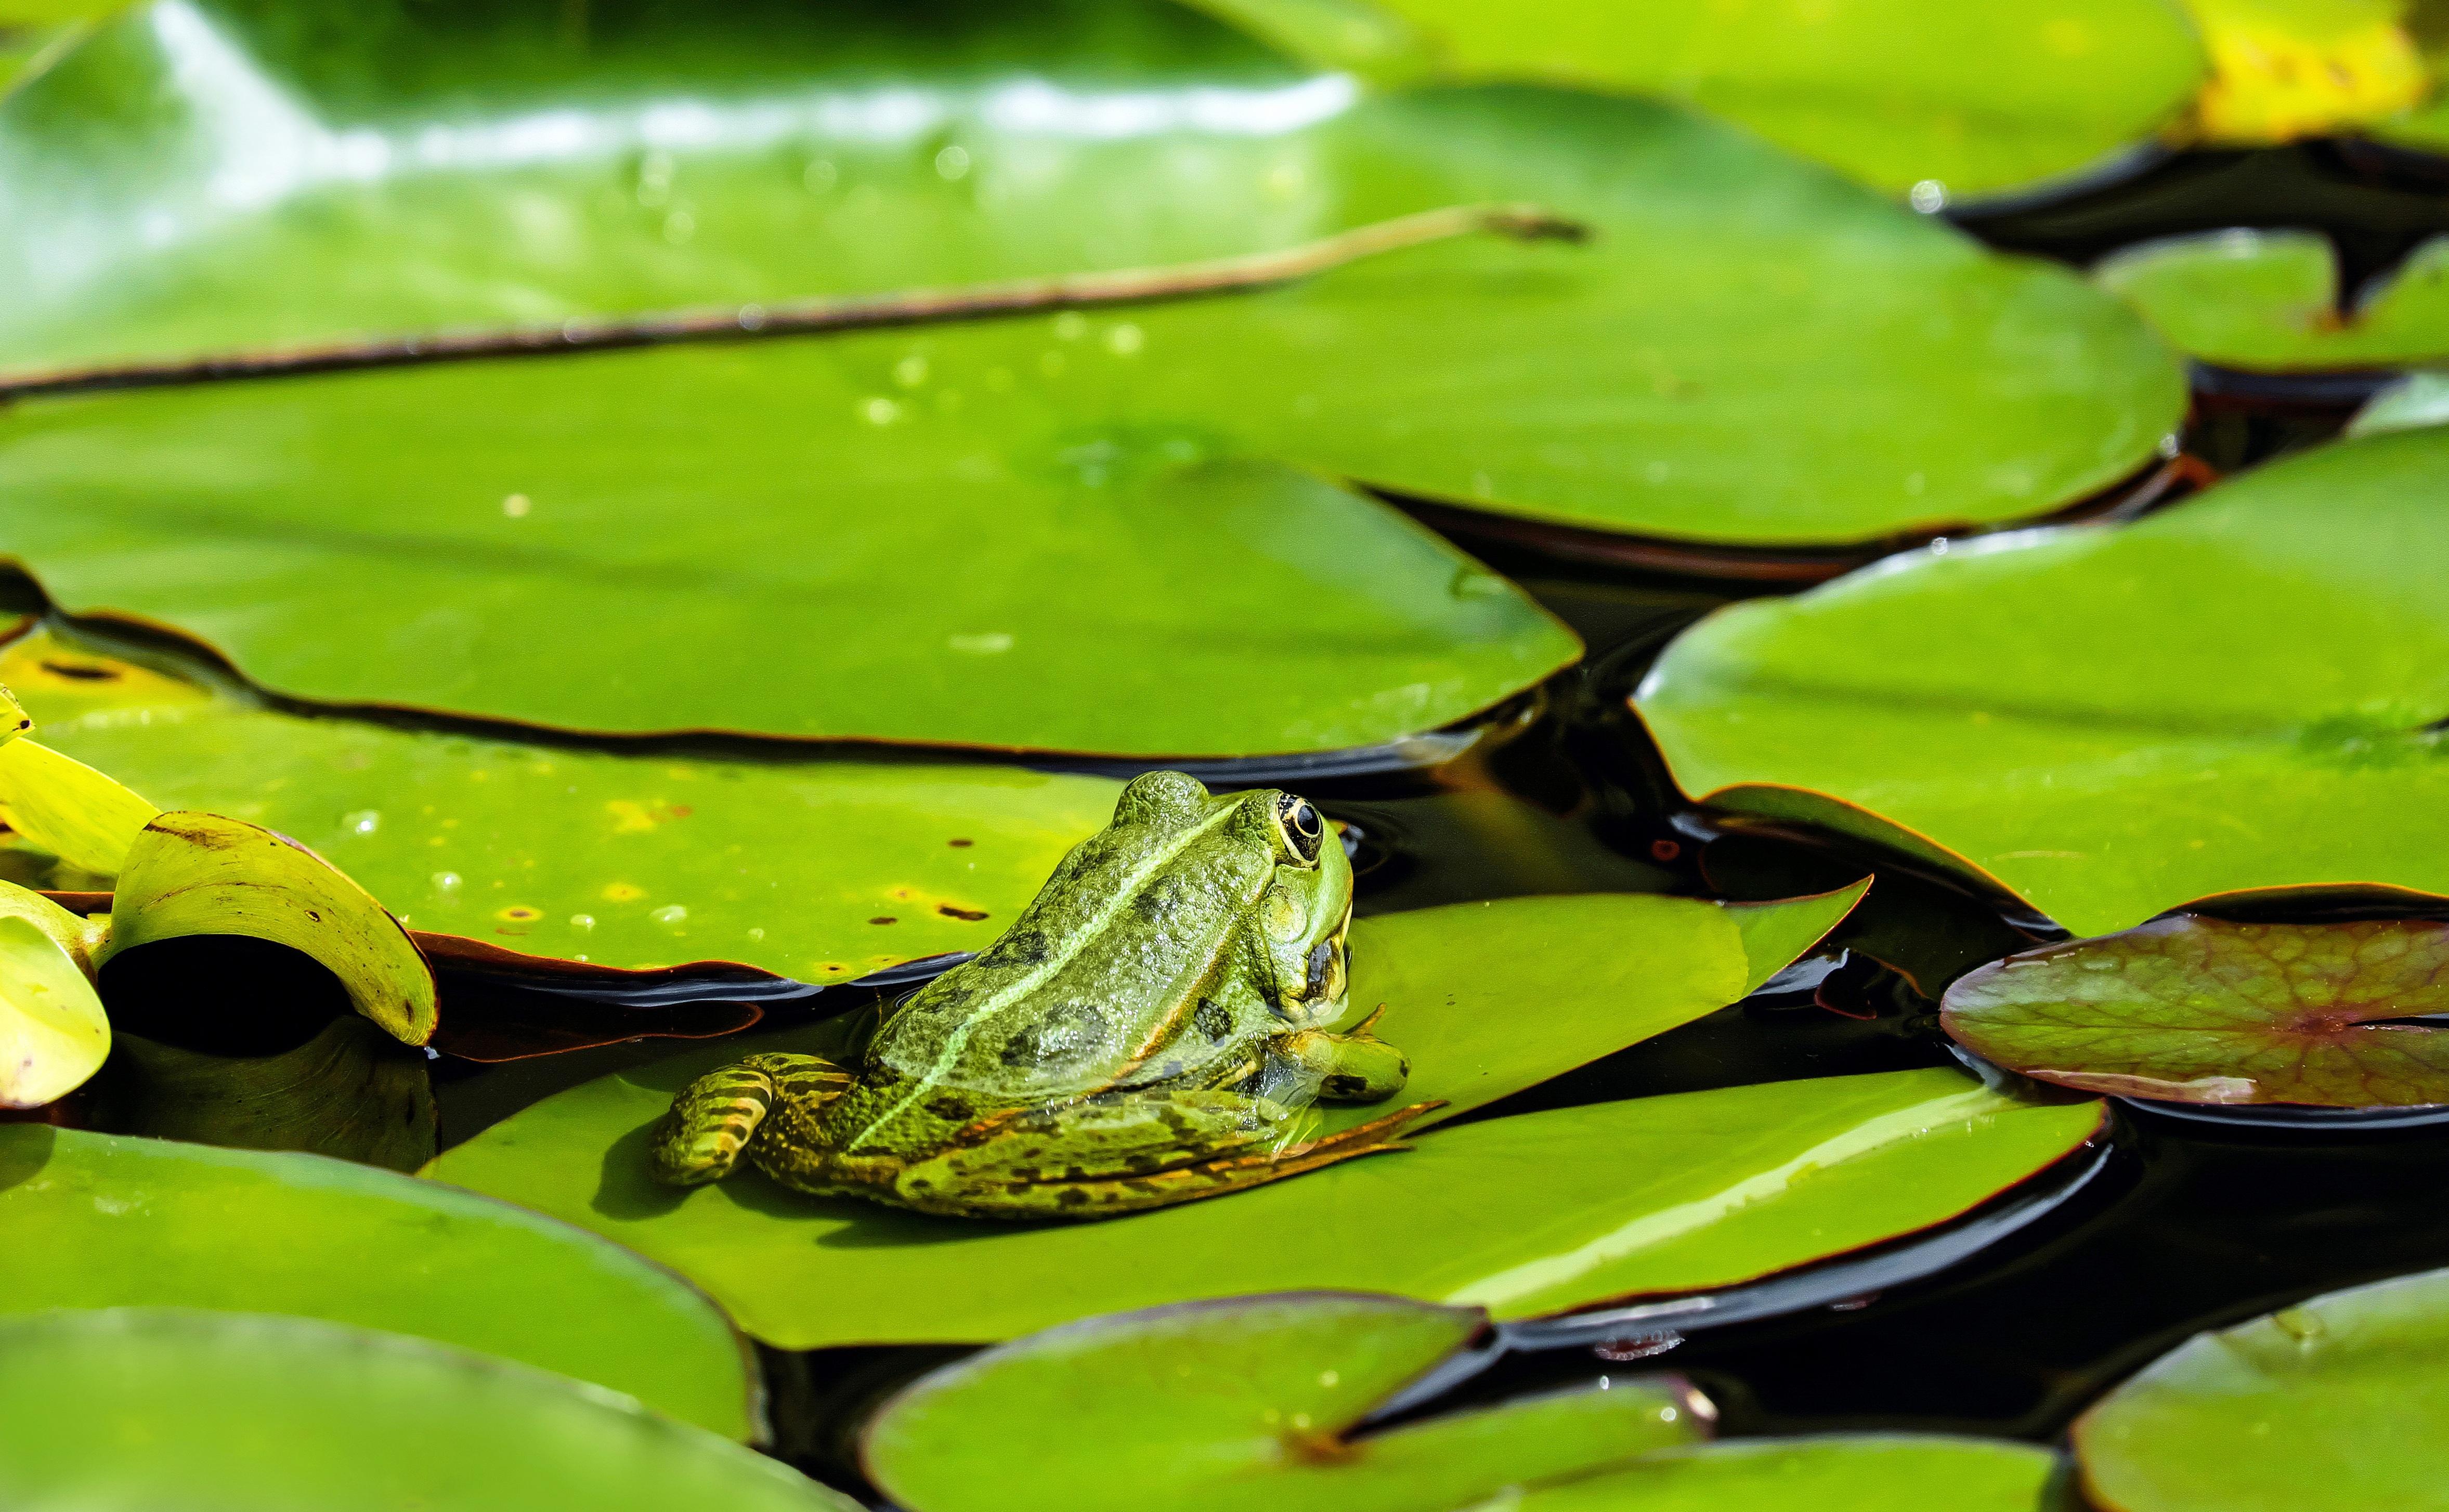 102452 Hintergrundbild 240x400 kostenlos auf deinem Handy, lade Bilder Tiere, Blätter, Frosch, Eikapsel, Kubshka 240x400 auf dein Handy herunter